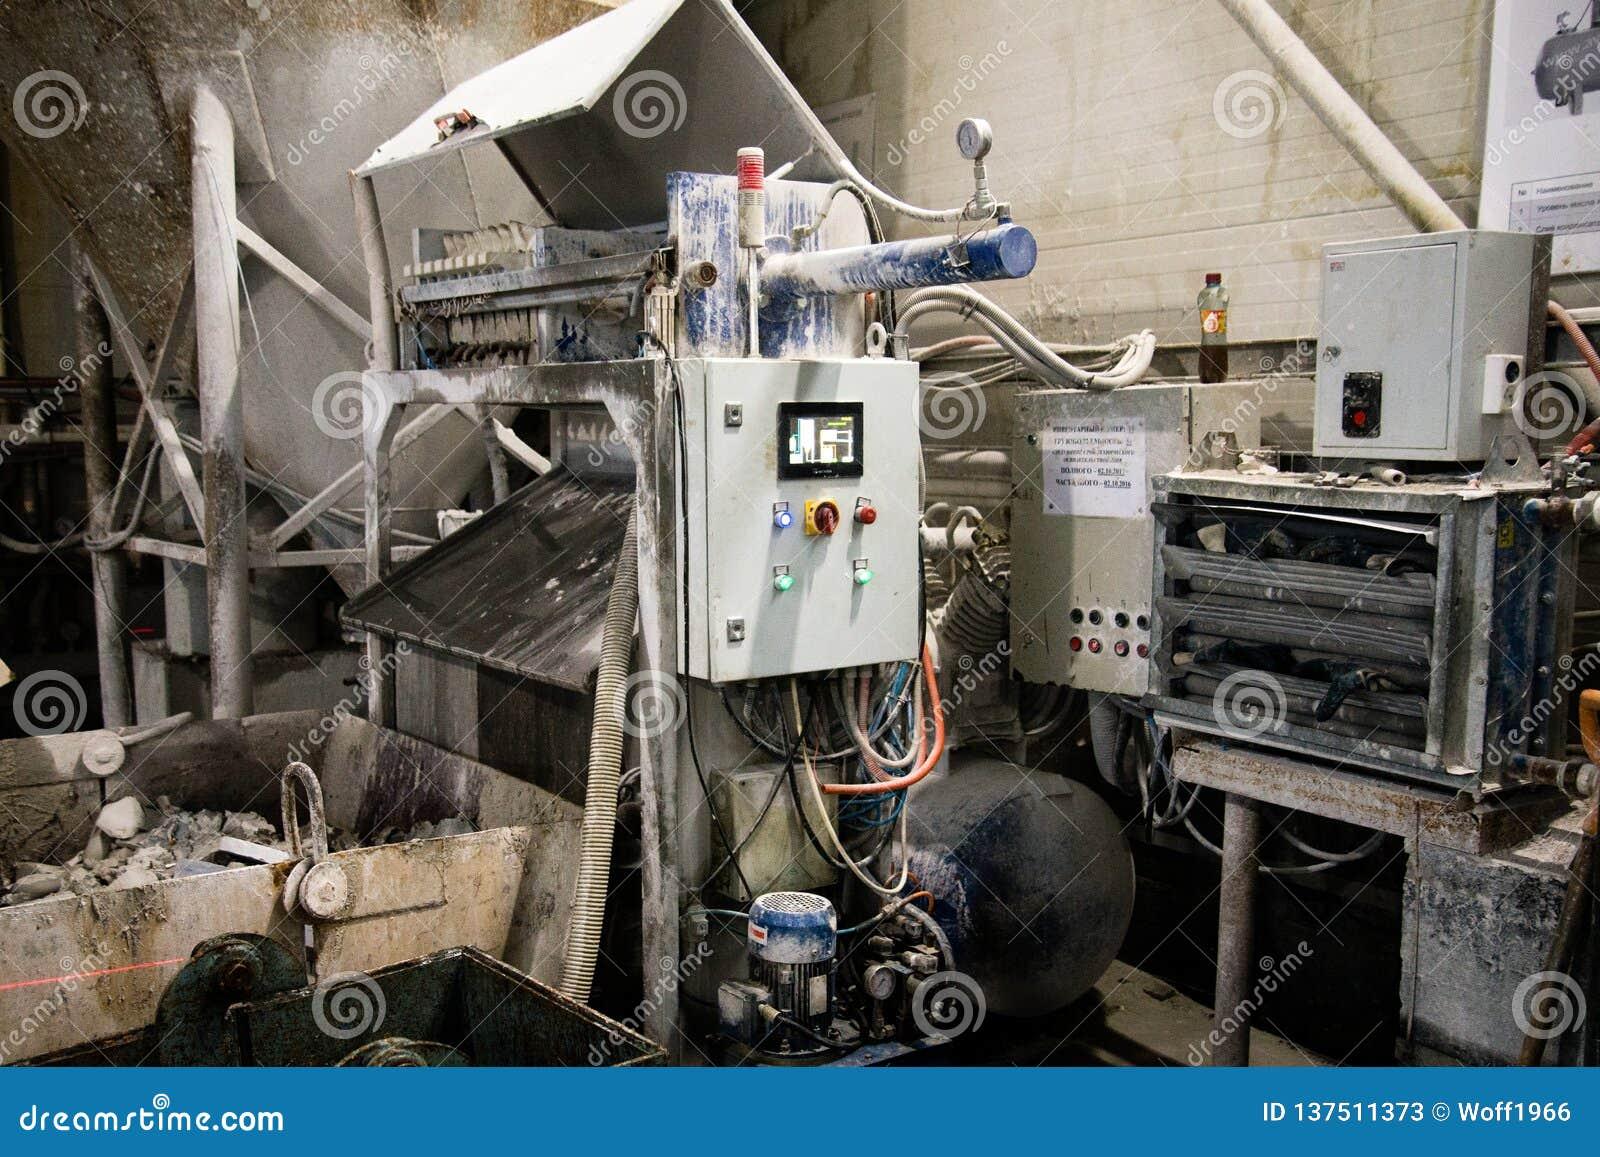 Μηχανή διατρήσεων ένας βιομηχανικός εργάτης ενεργοποιεί μια μηχανή ξυλουργικής